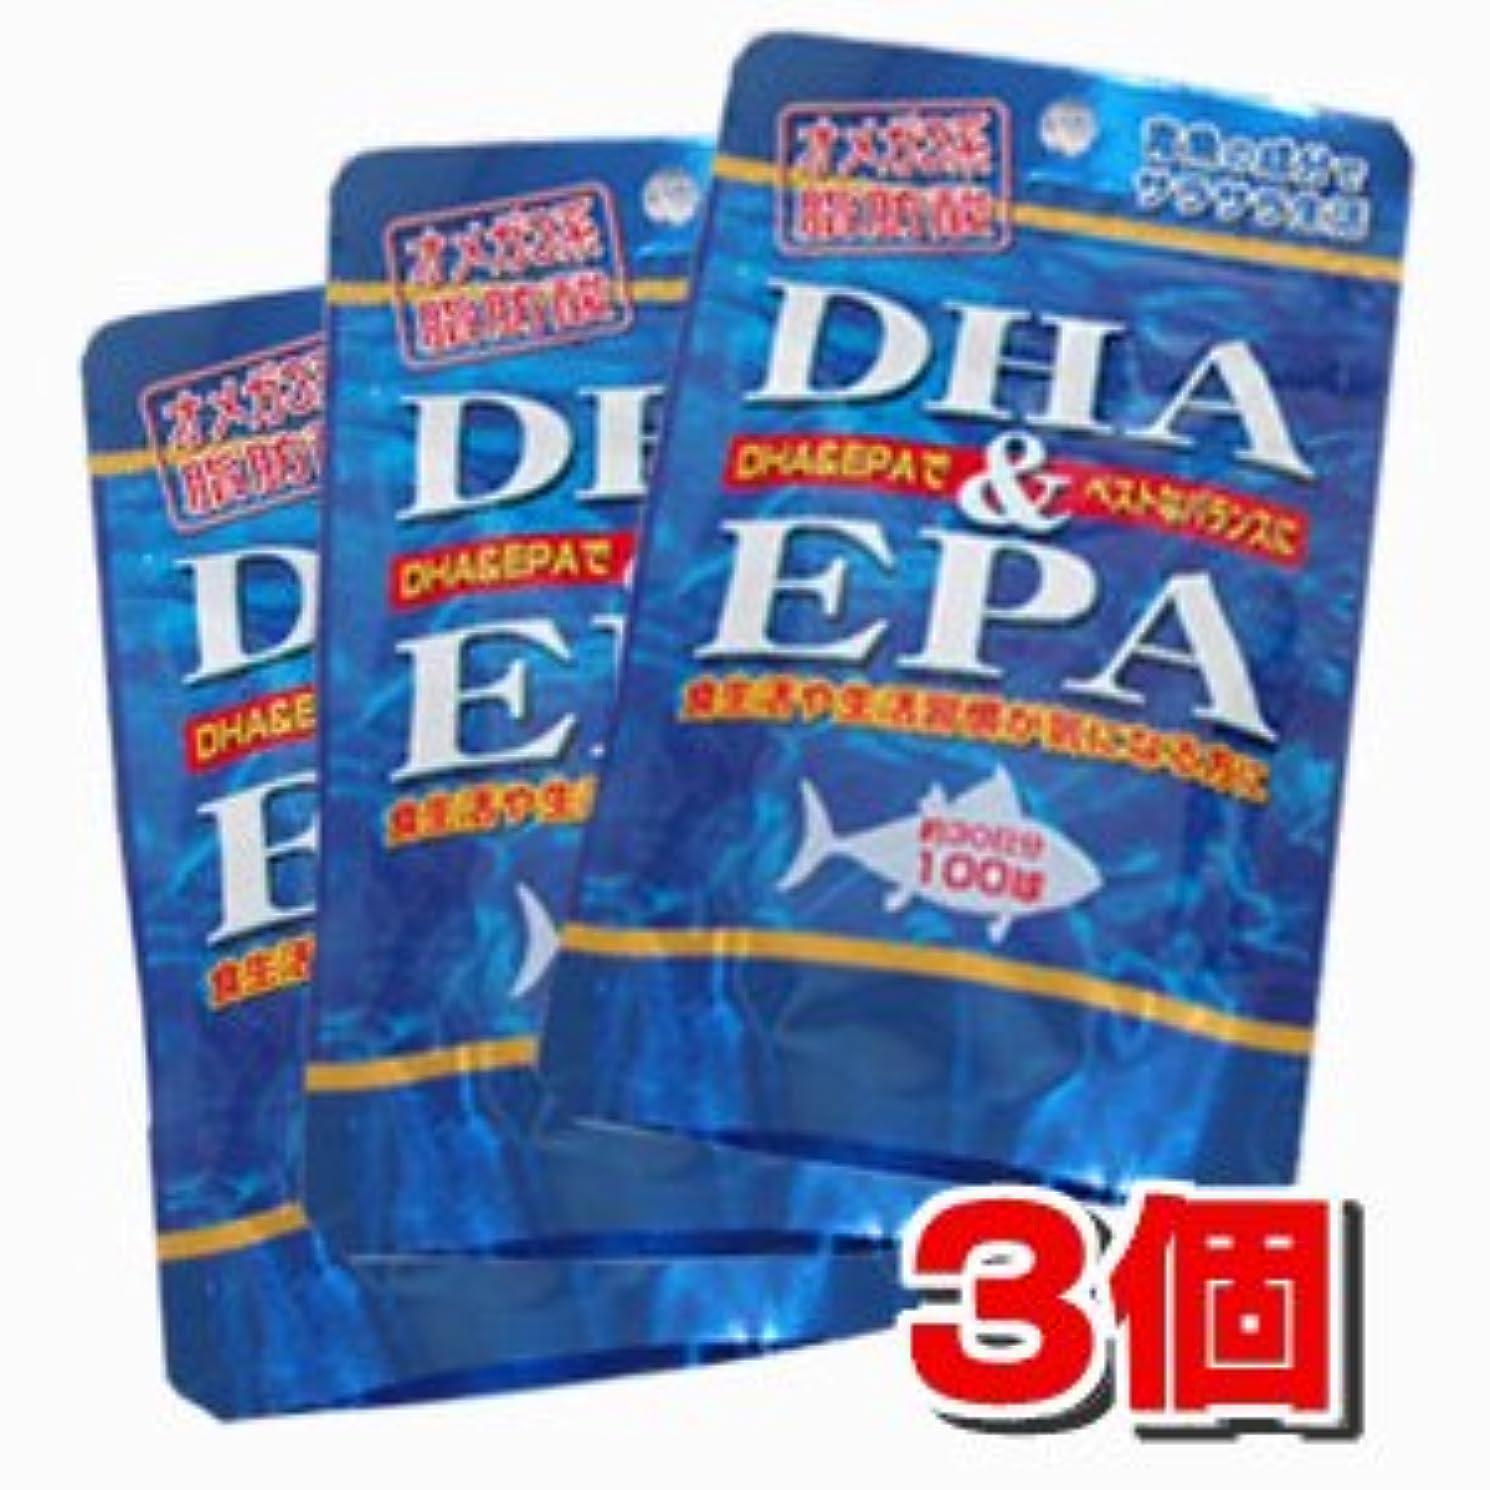 ボード遺棄された試みDHA(ドコサヘキサエン酸)&EPA(エイコサペンタエン酸)